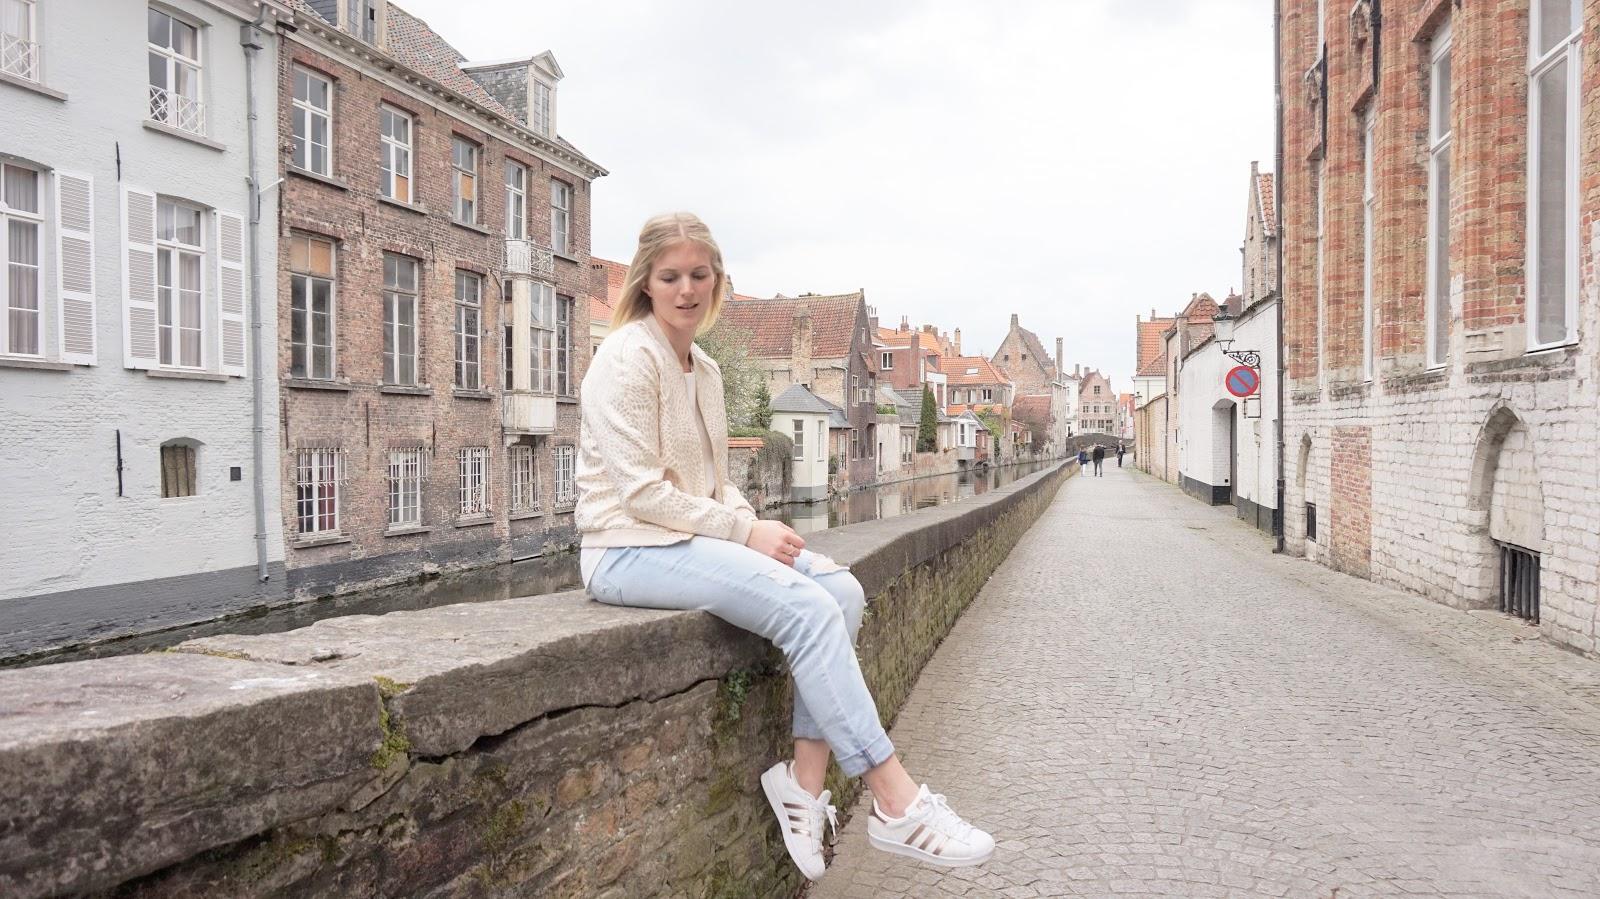 DSC05555 | Eline Van Dingenen